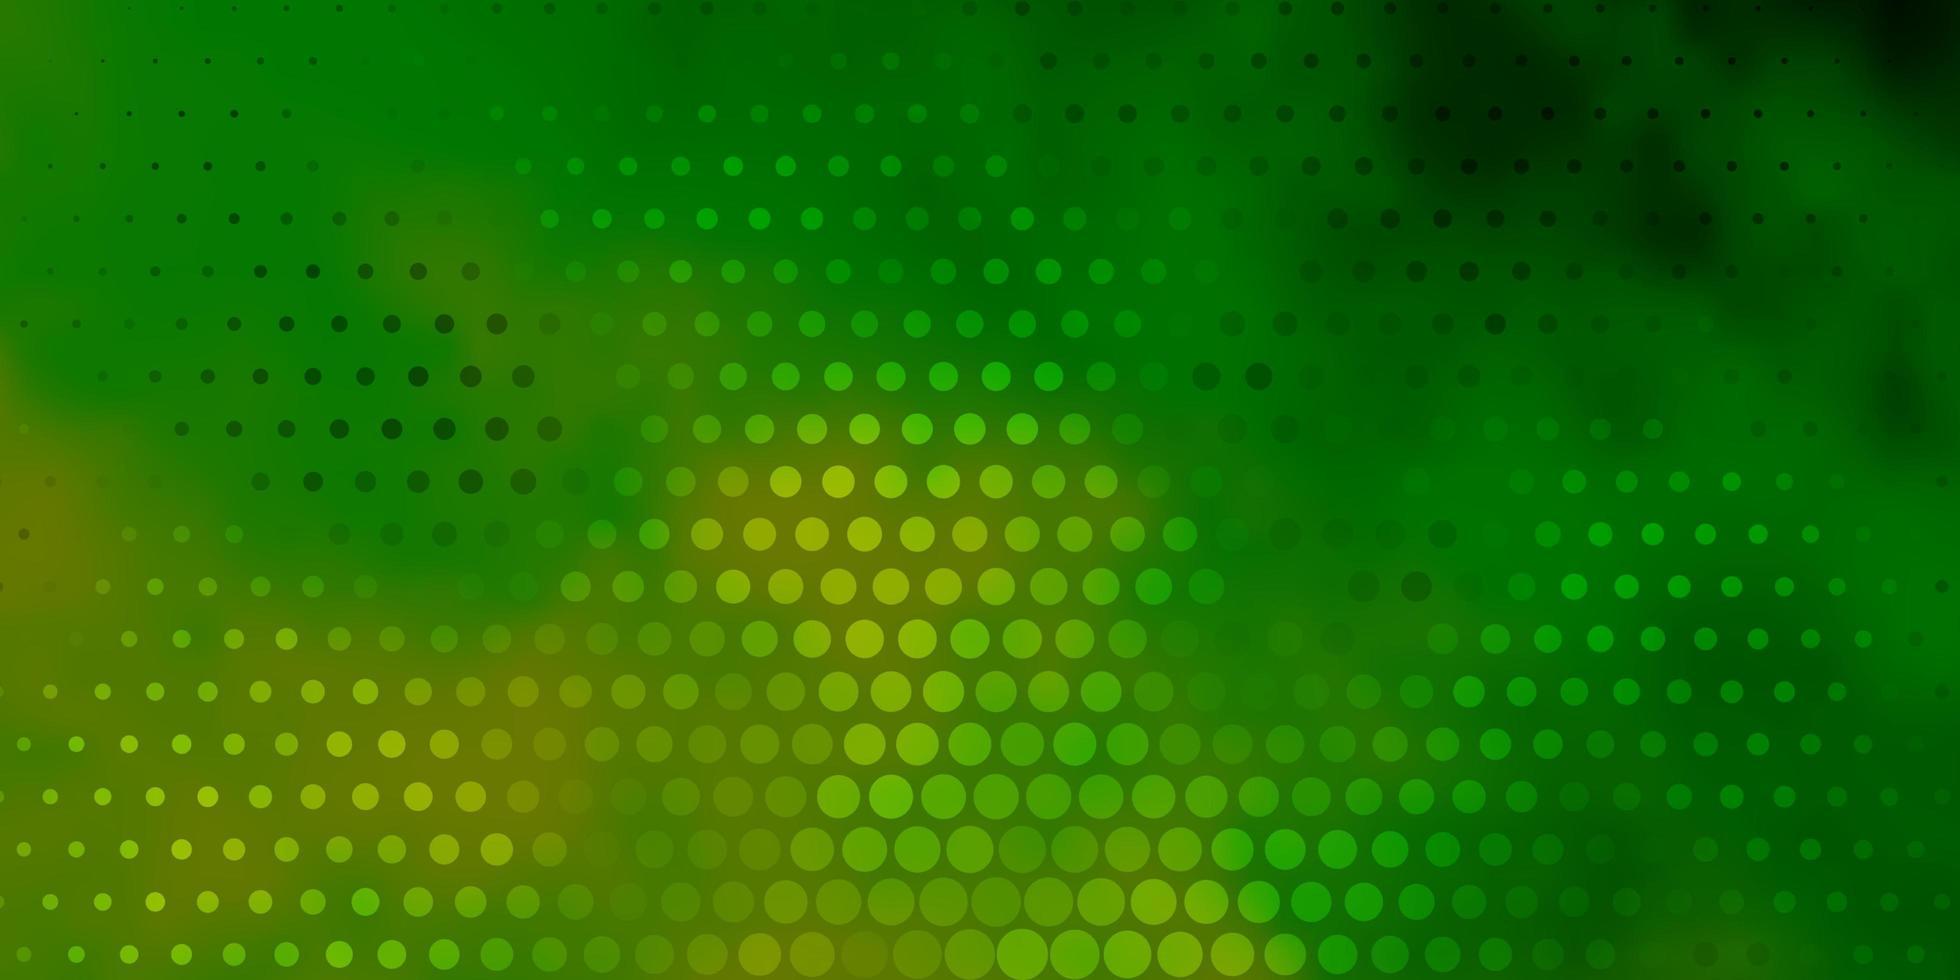 sfondo verde chiaro con macchie. vettore